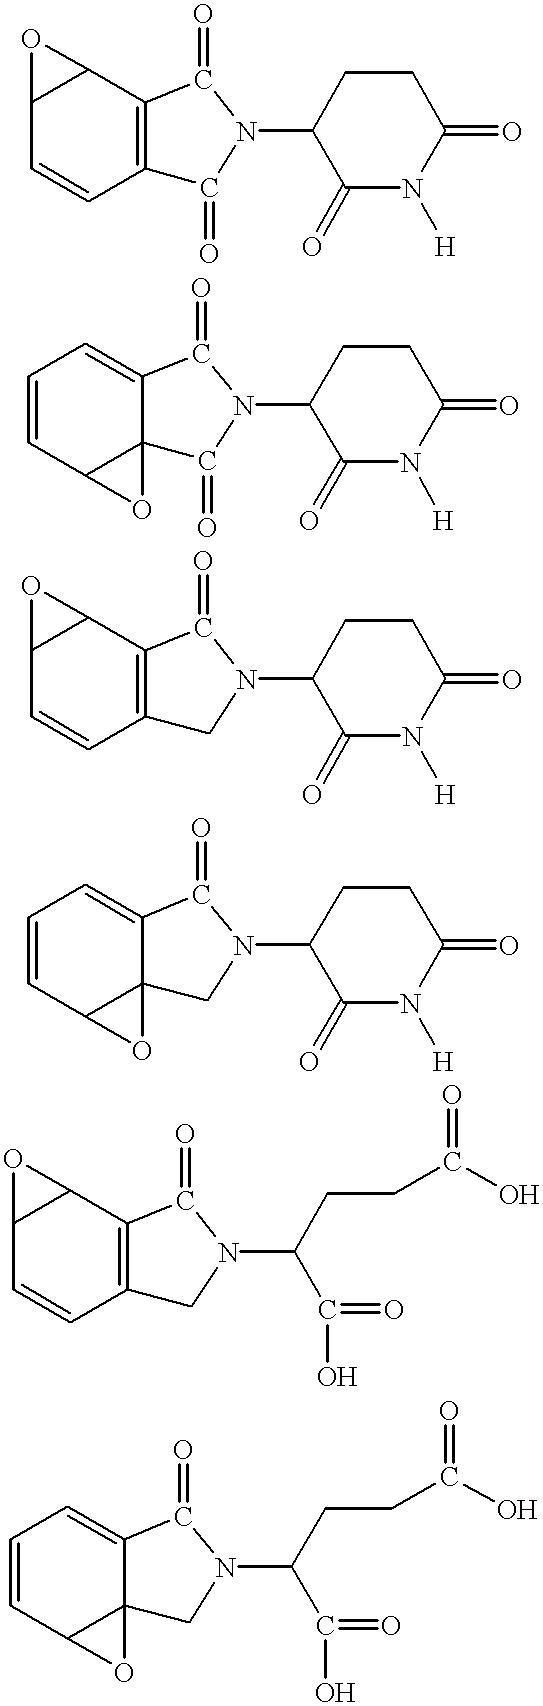 Figure US20020054899A1-20020509-C00001